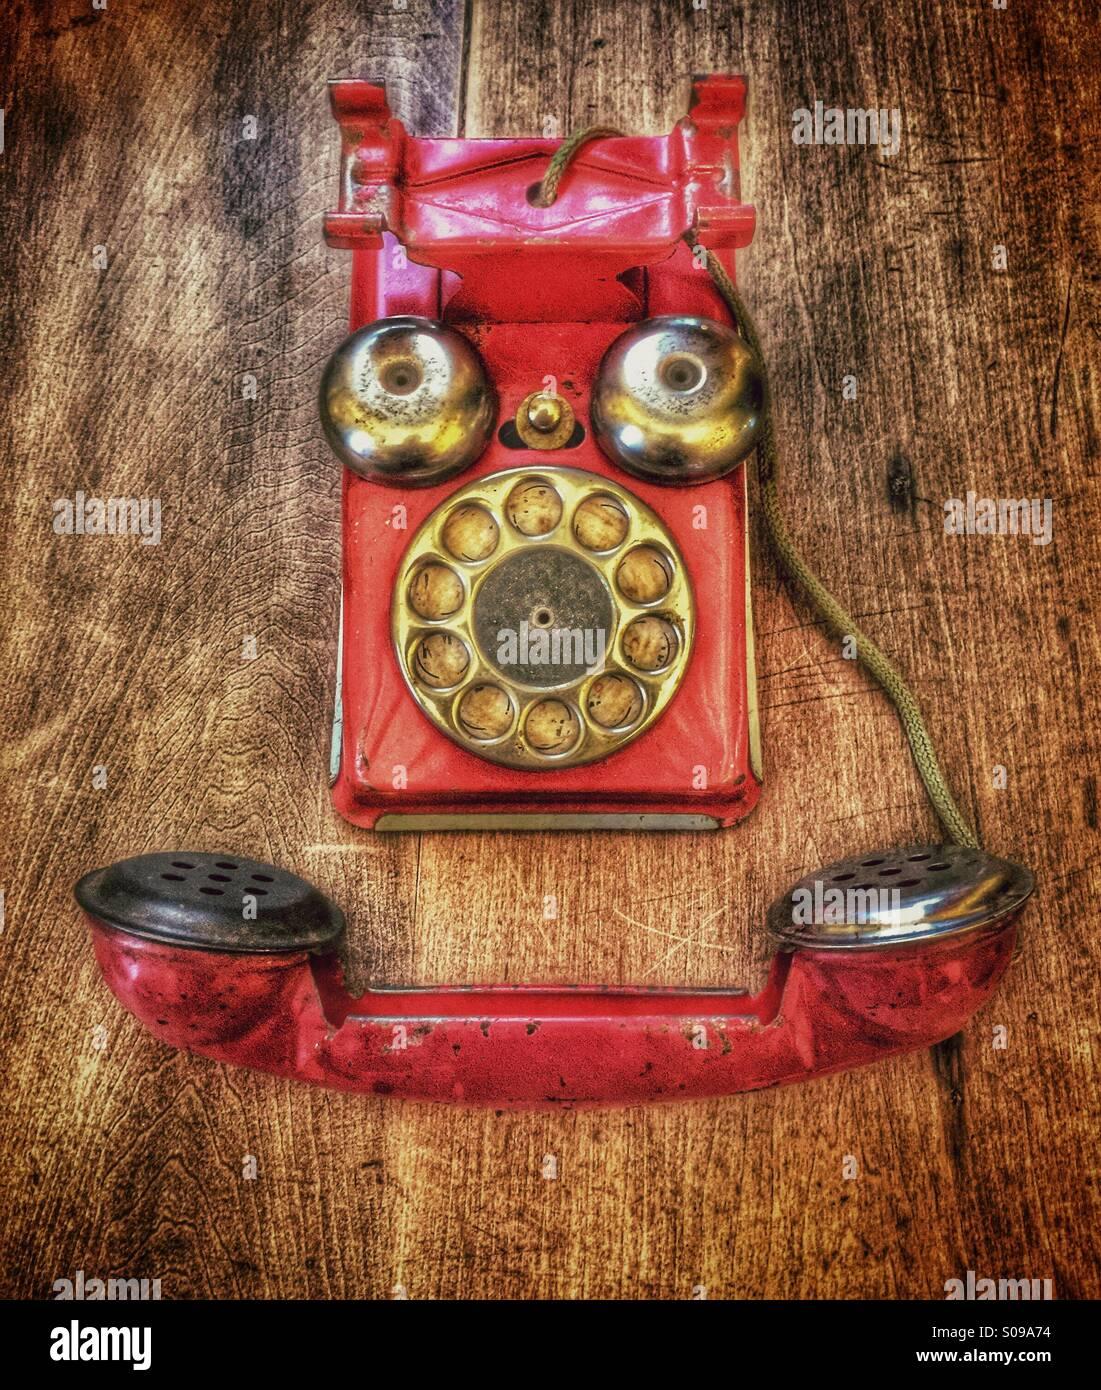 Vintage rot Spielzeug Telefon soll aussehen wie ein lächelndes Gesicht. Stockbild